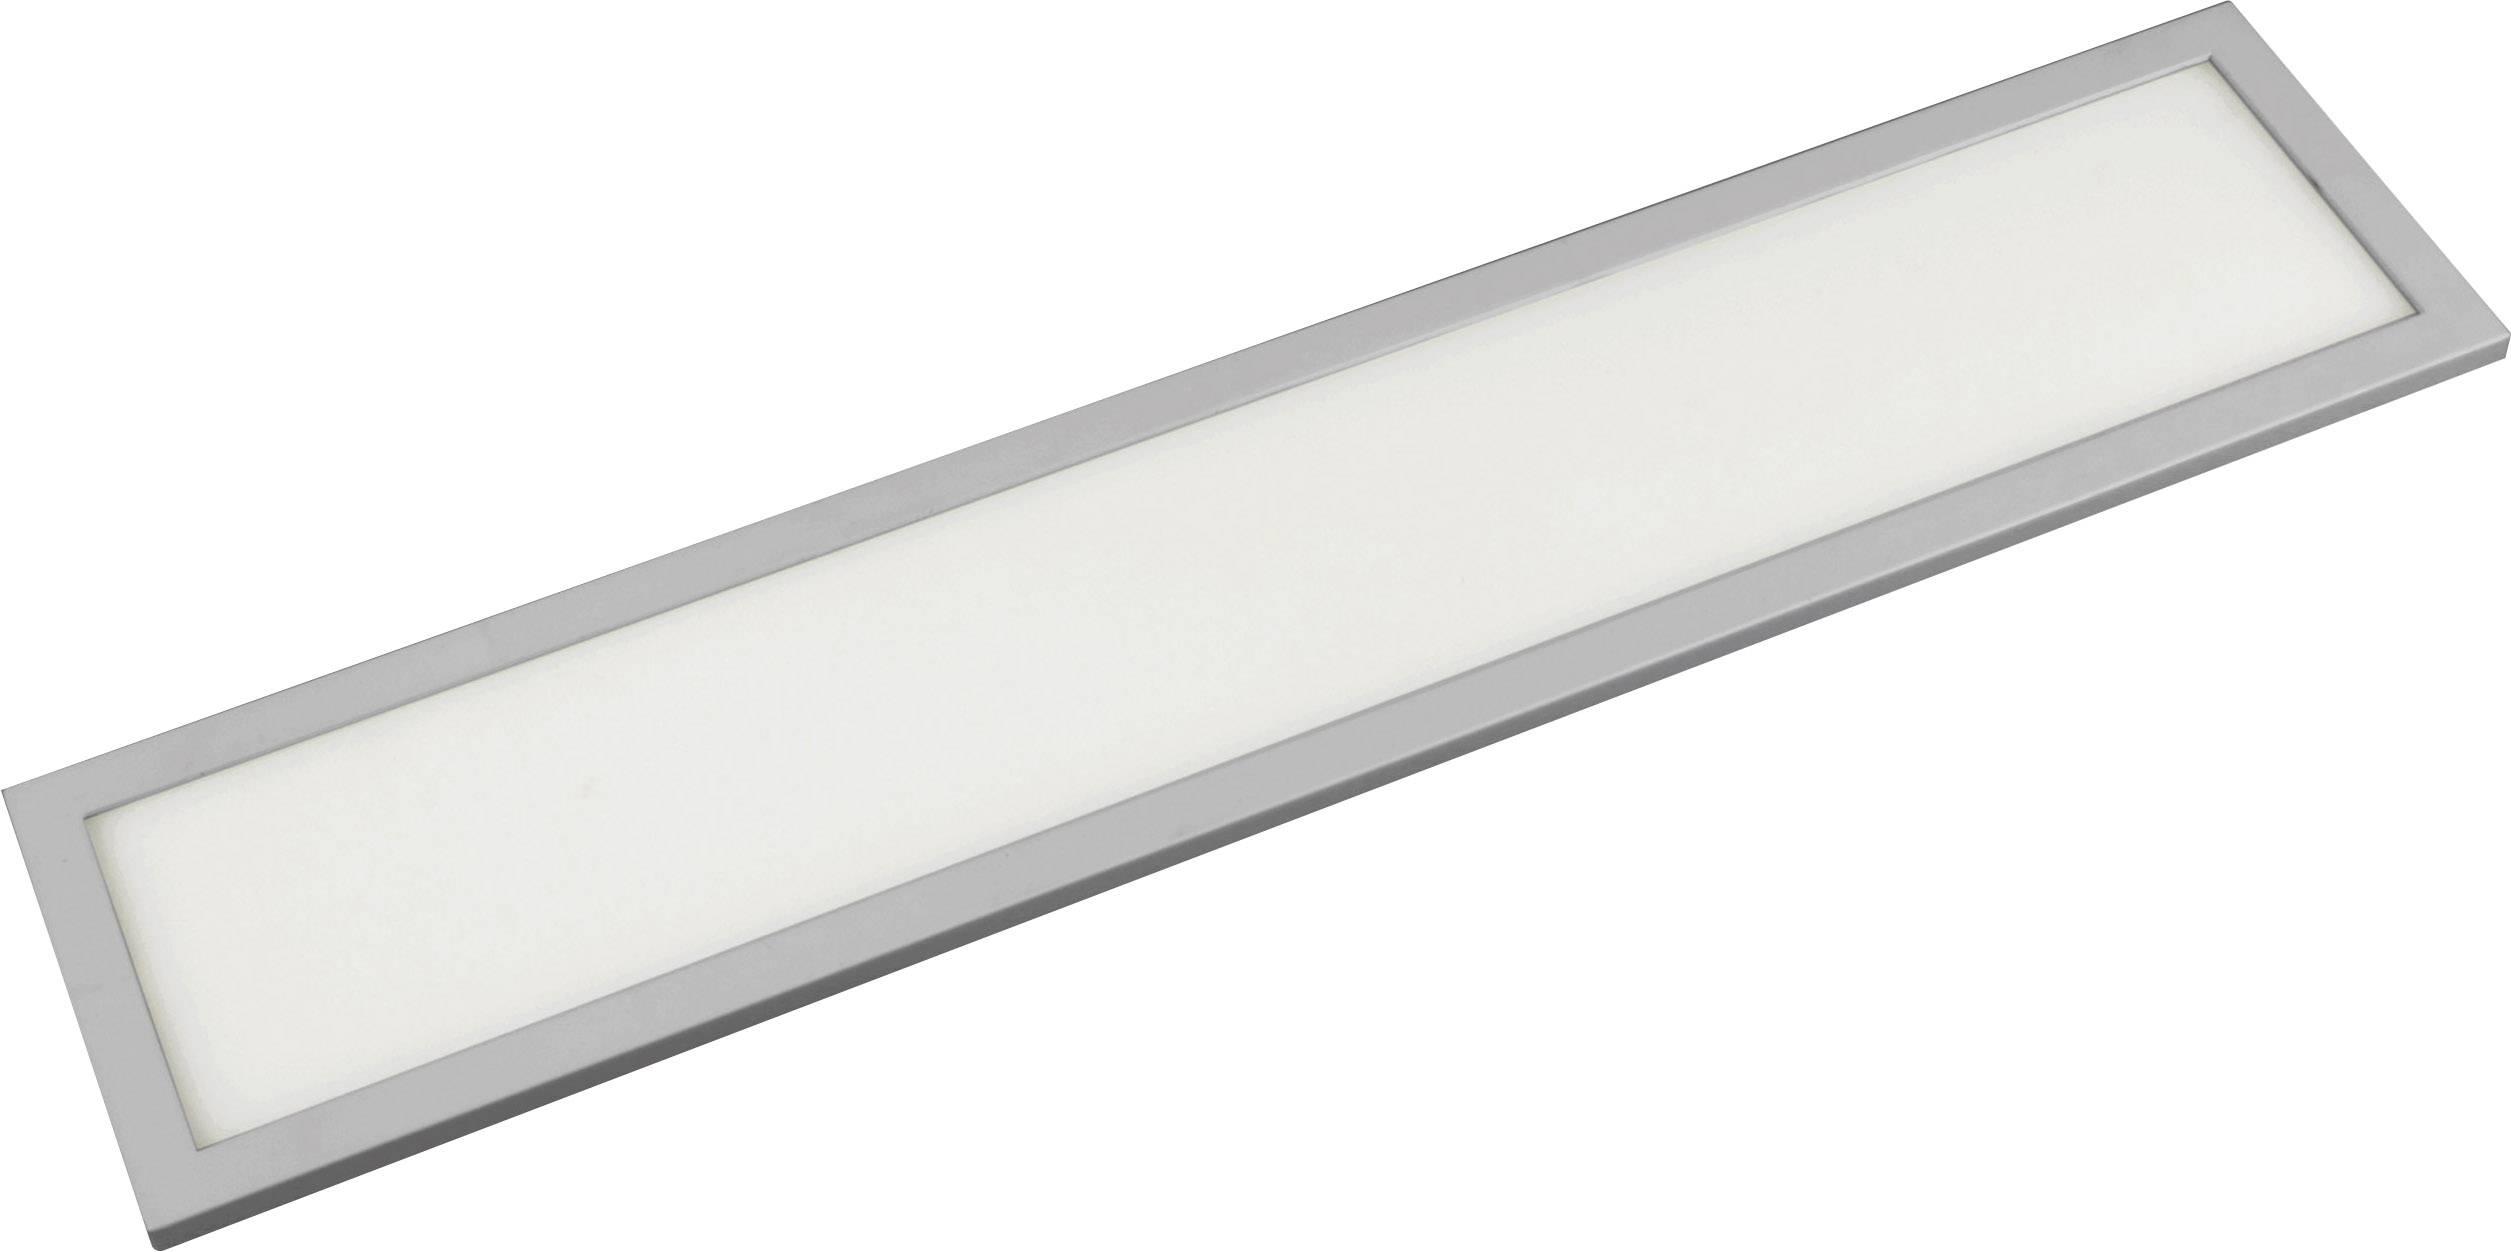 LED-Unterbauleuchten, LED-Aufbauleuchten günstig online kaufen bei ...